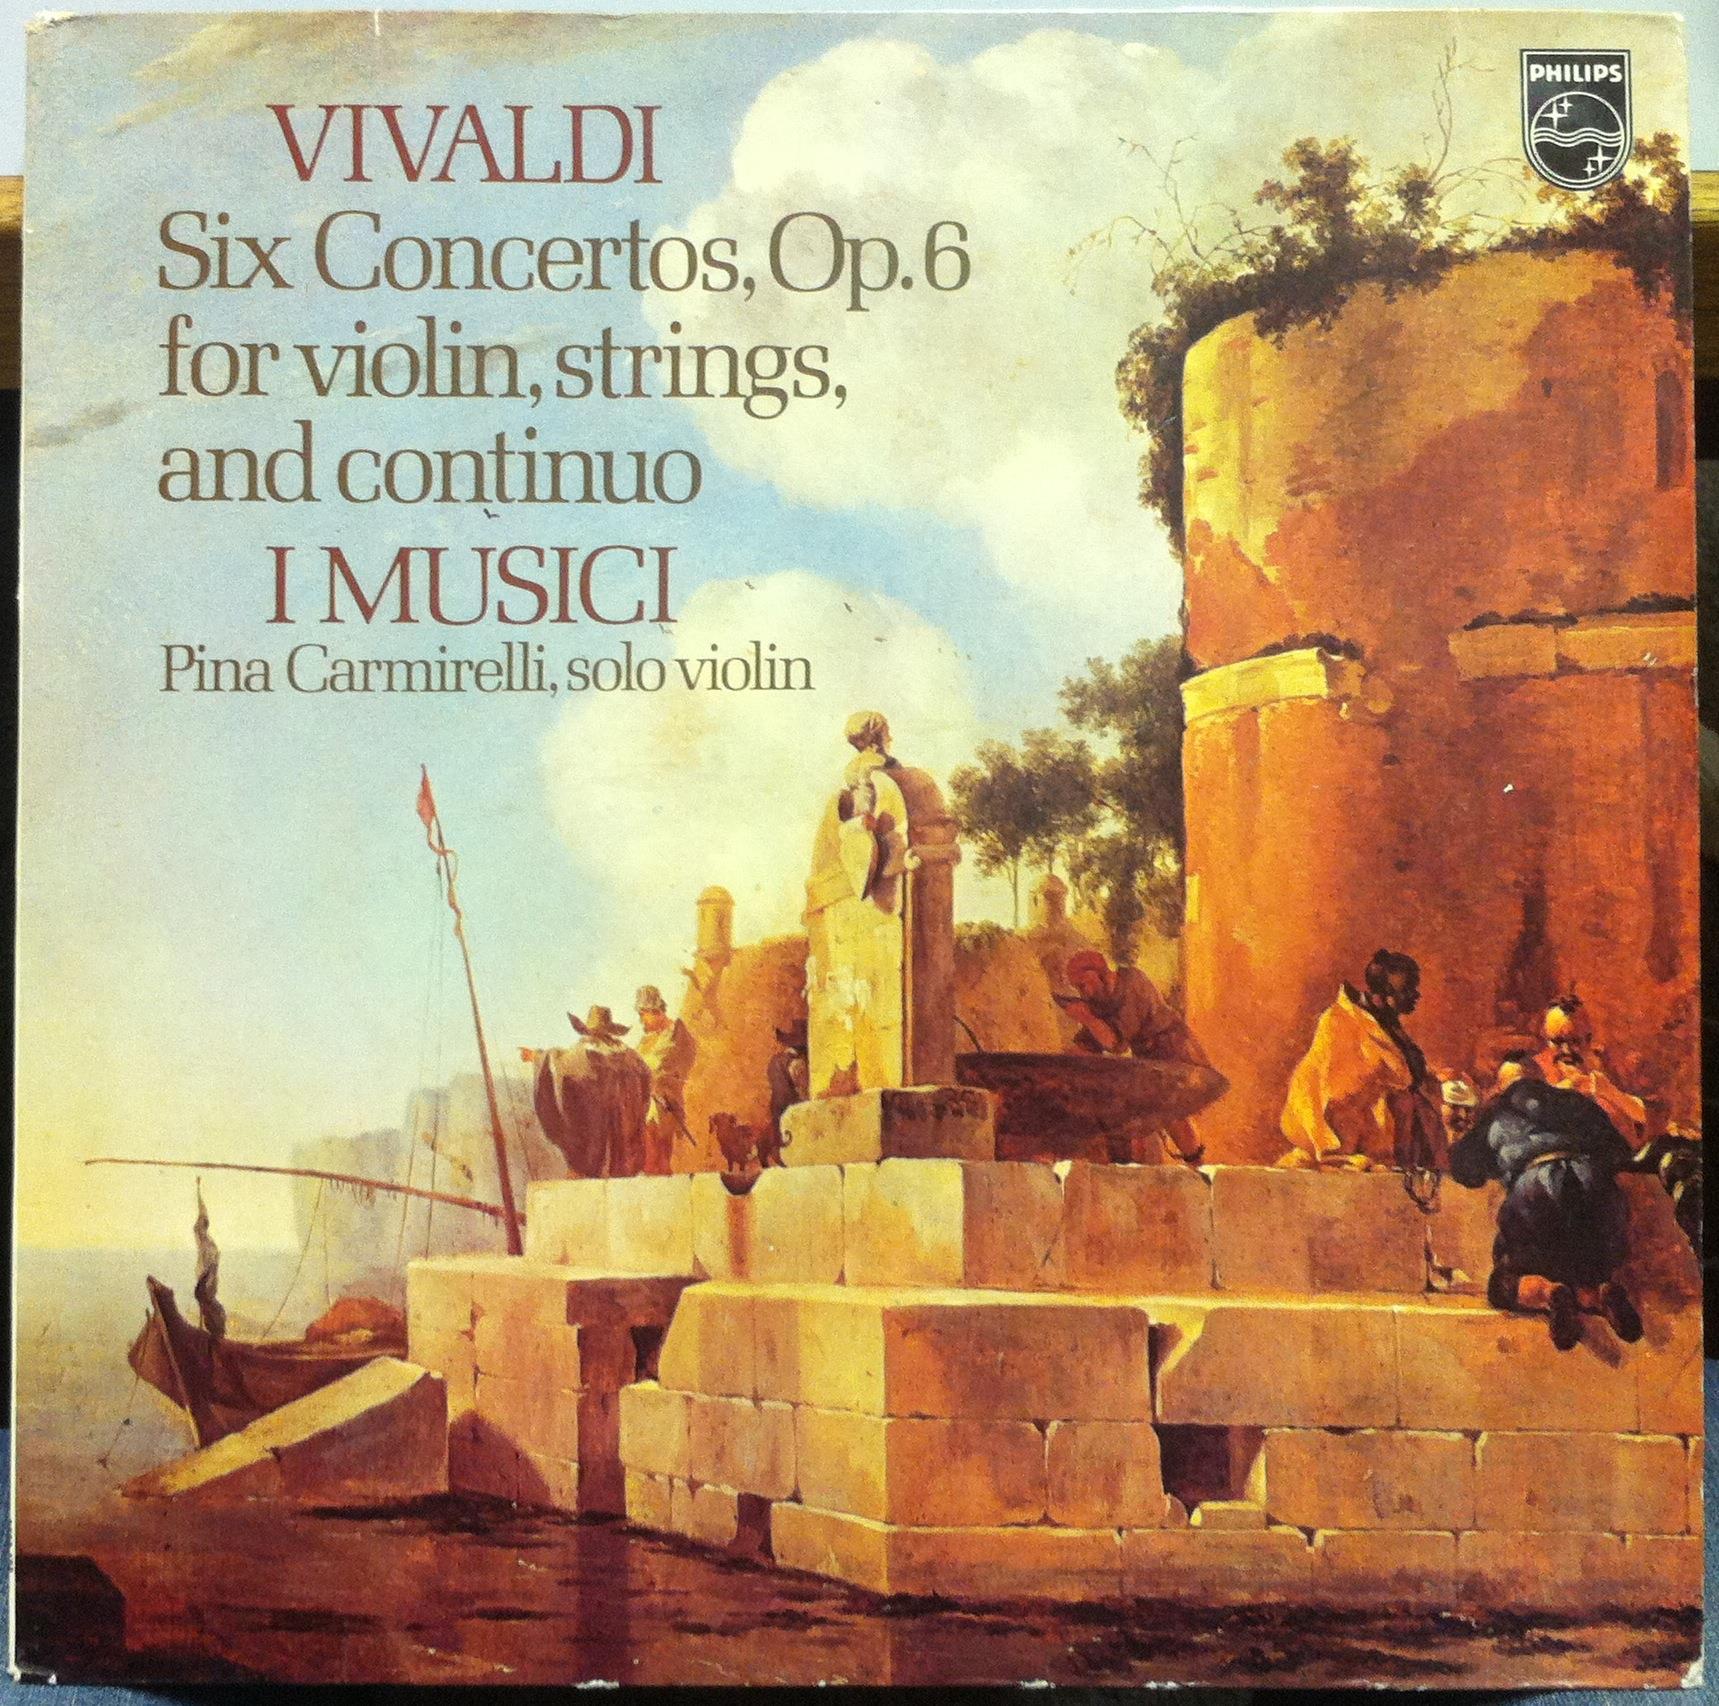 PINA CARMIRELLI I MUSICI - Pina Carmirelli I Musici Vivaldi Six Concertos For Violin Lp Mint- 9500 438 (vivaldi Six Concertos F